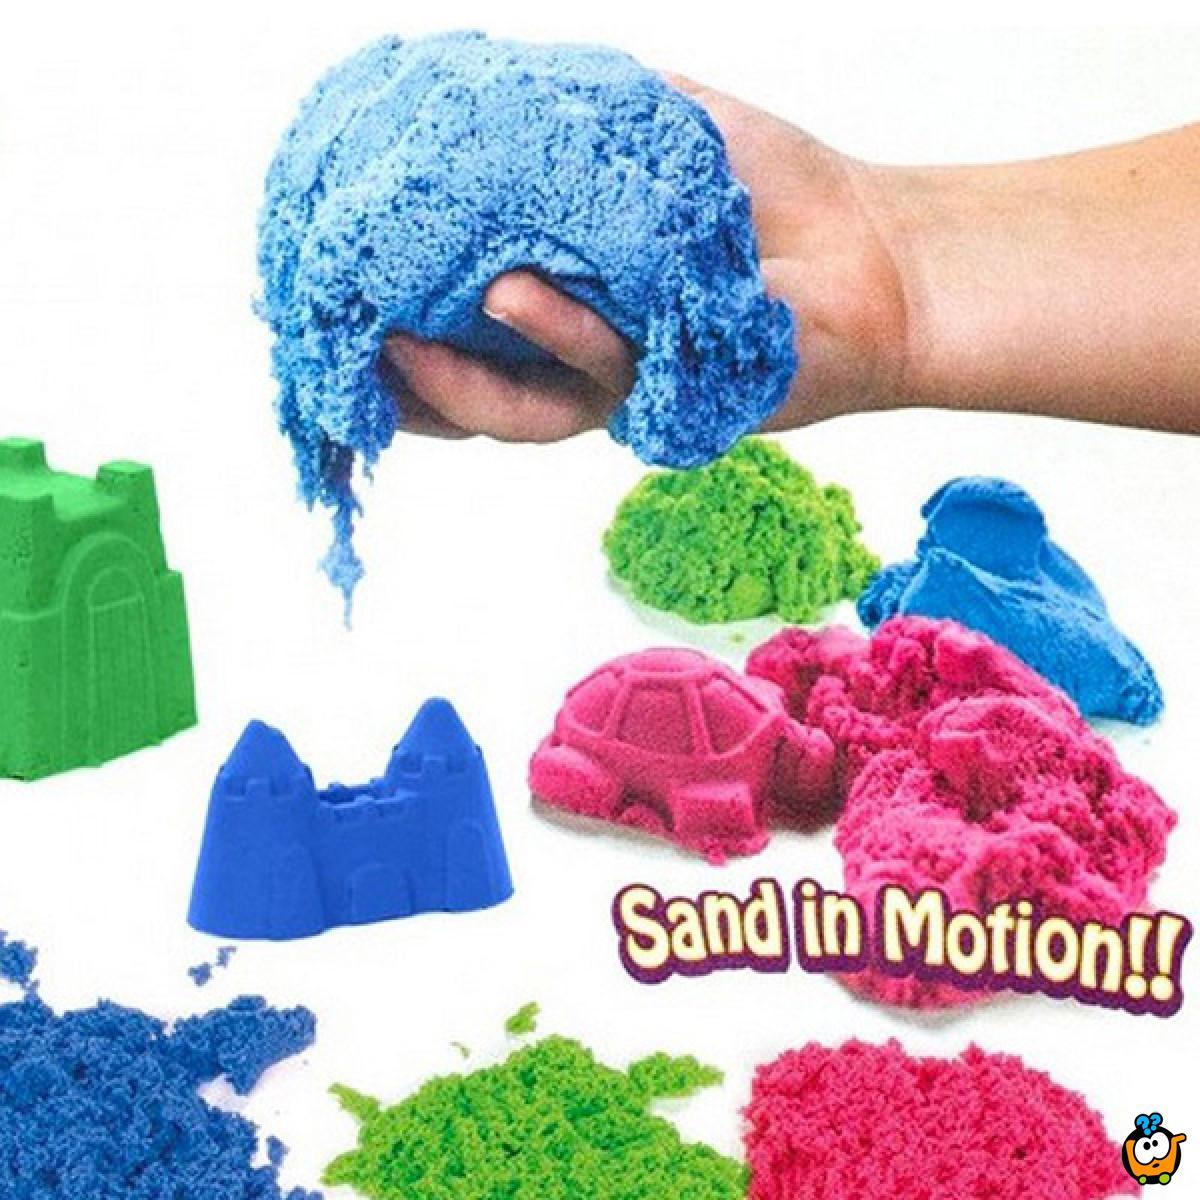 Magični kinetički pesak u boji za igru - Set od 2kg peska + Modle + Koferče